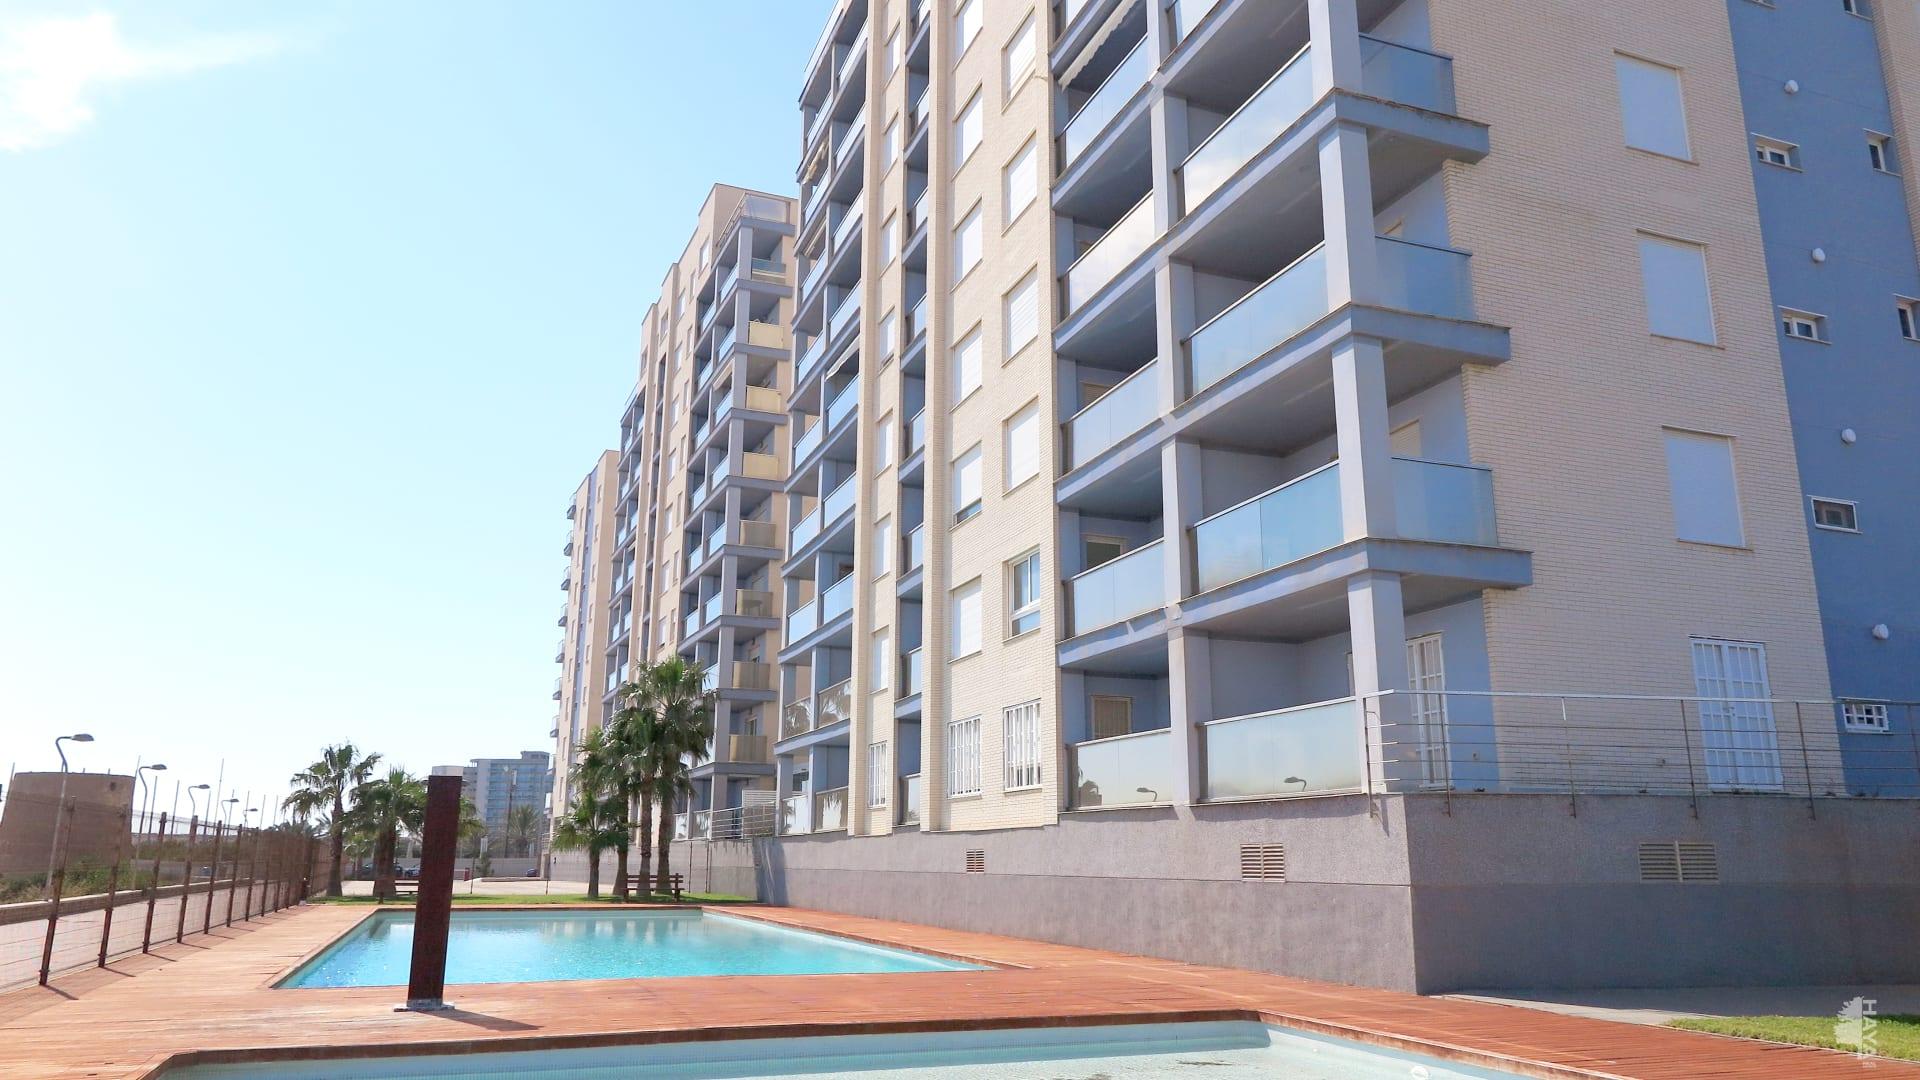 Piso en venta en San Javier, Murcia, Calle Prolongación Pol F. Conj Resid. Veneziola Golf Ii, 93.000 €, 1 habitación, 1 baño, 44 m2